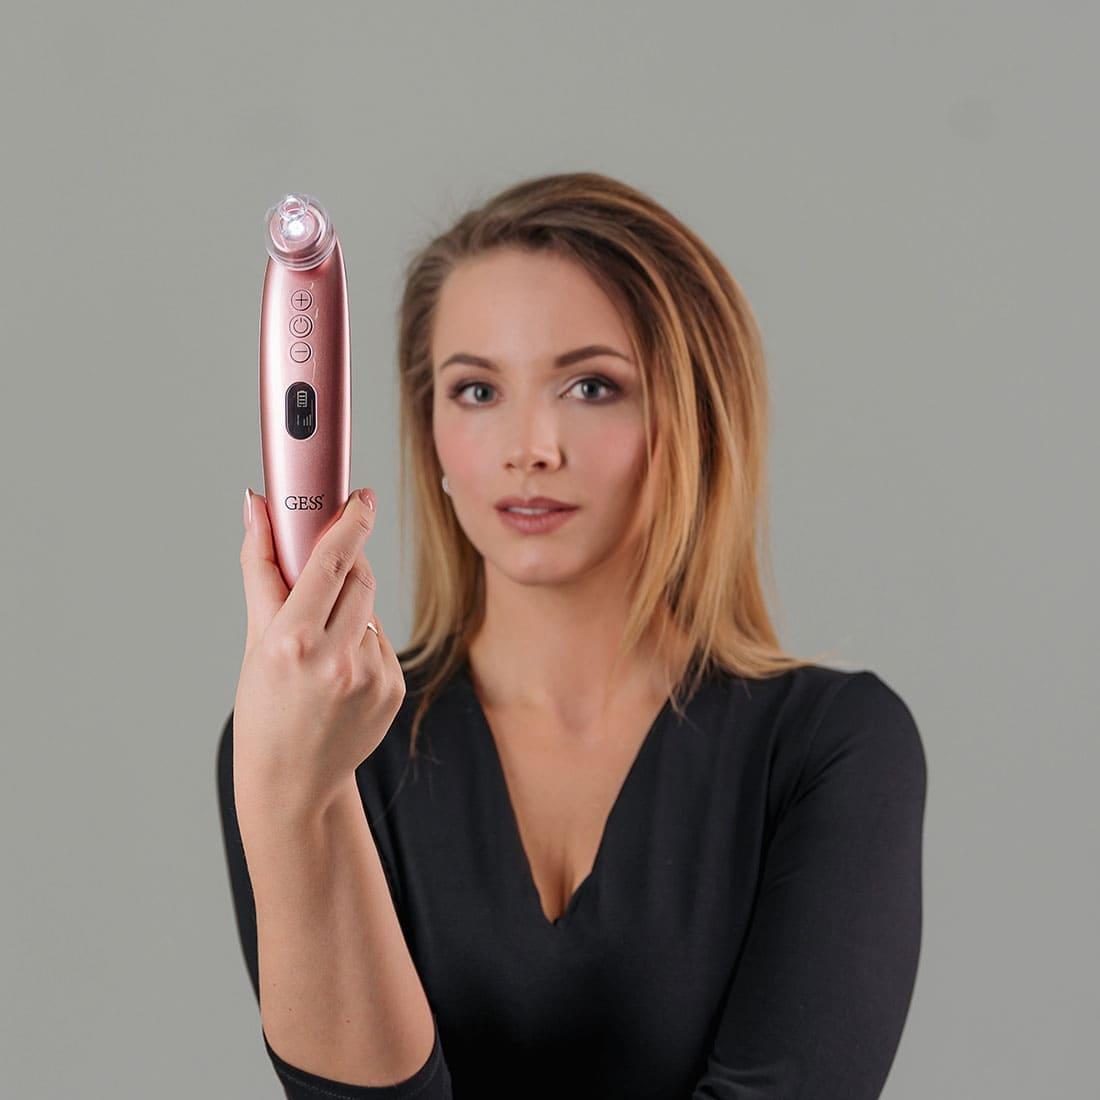 Sleek прибор для вакуумной чистки и микродермабразии лица с микрокамерой и приложением